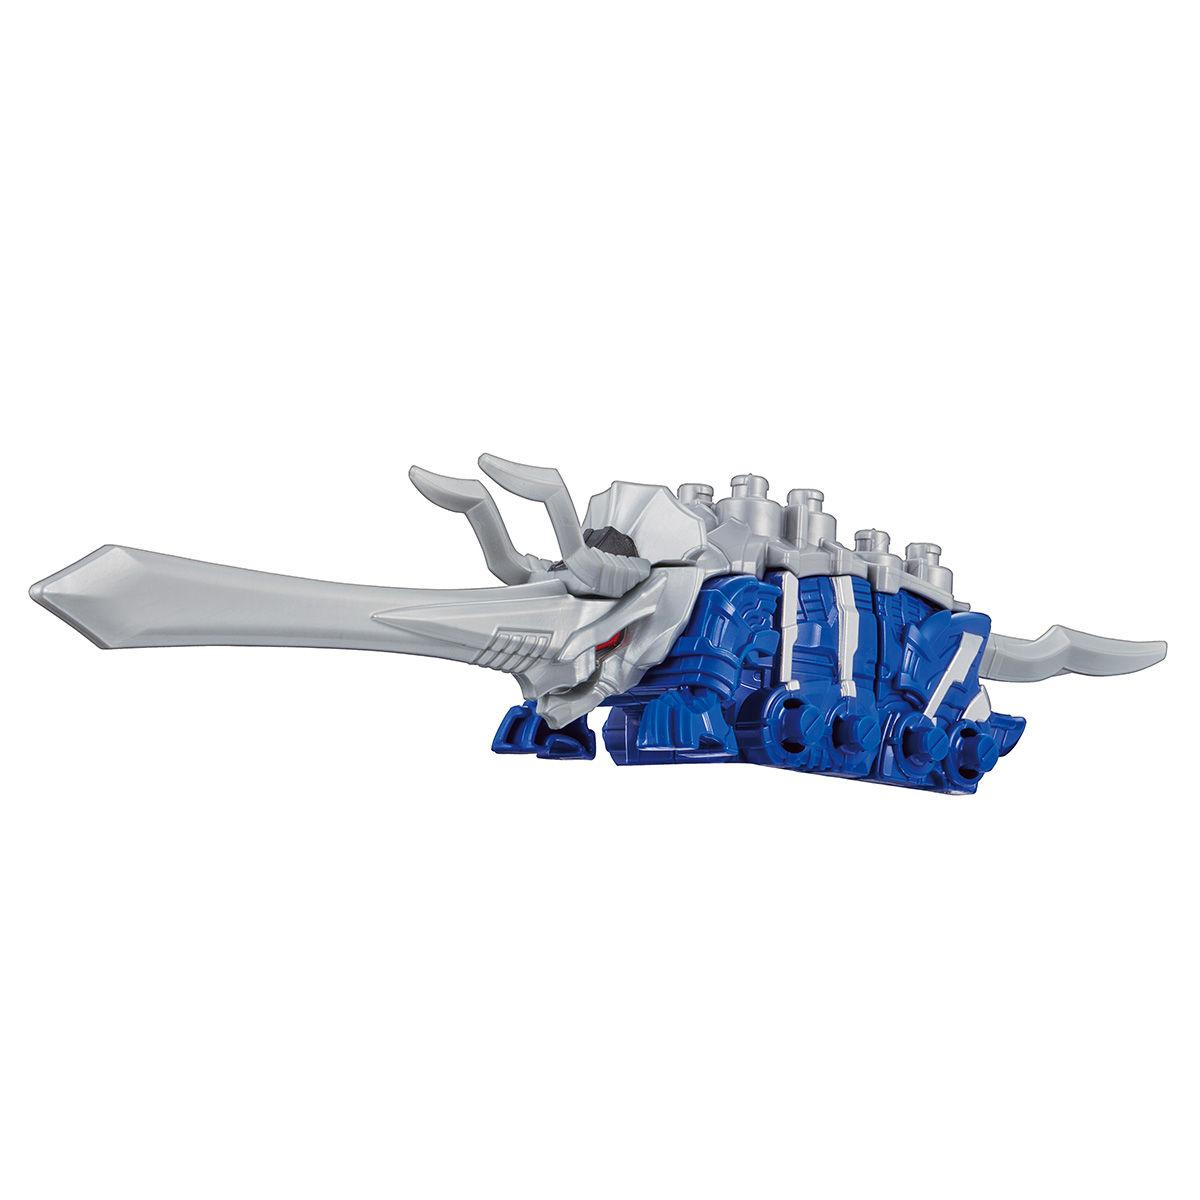 騎士竜戦隊リュウソウジャー『騎士竜シリーズ02&03 DXトリケーン&アンキローゼ』可変可動フィギュア-003